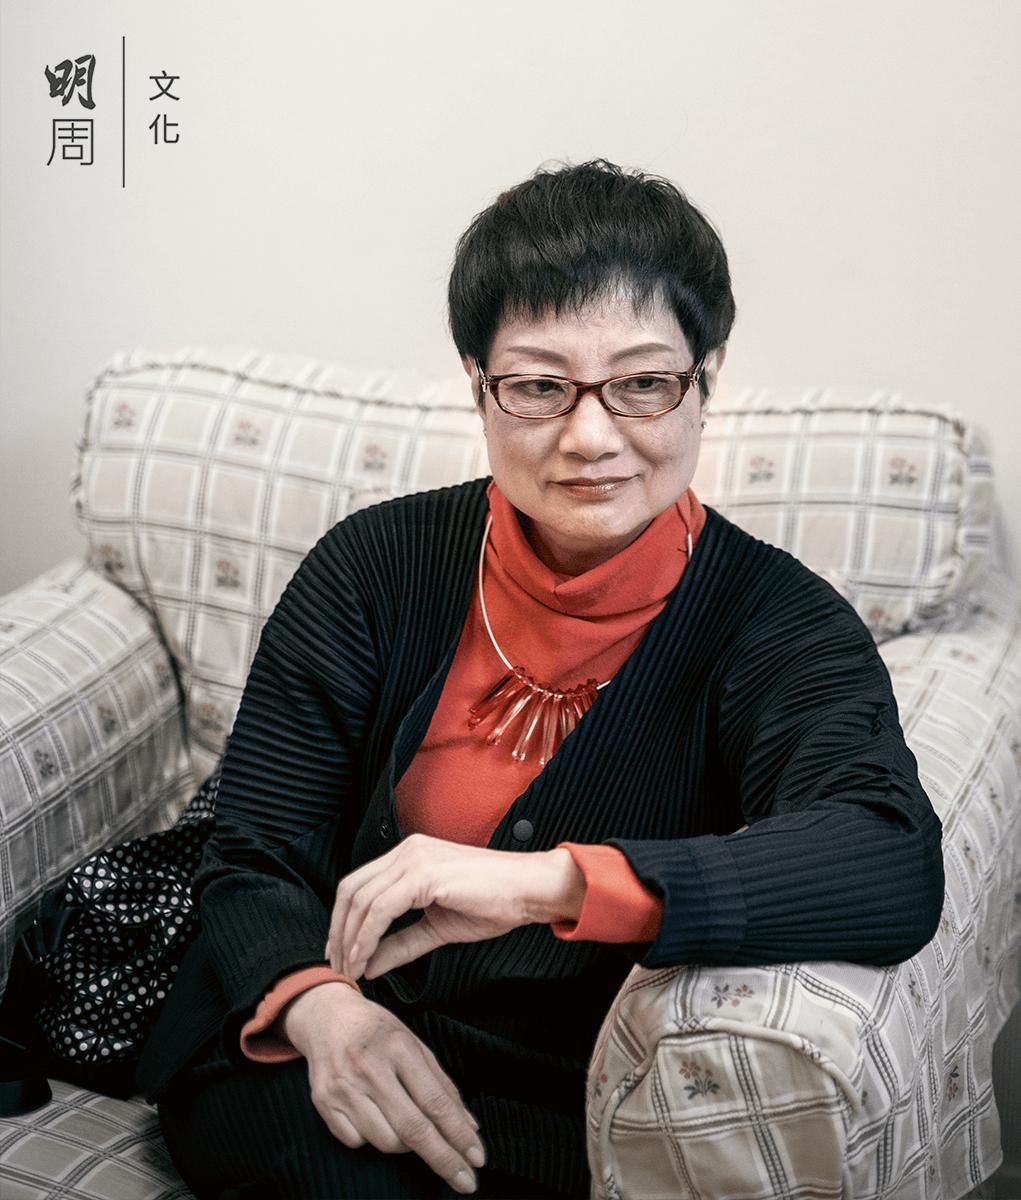 善寧會執行委員會蕭孫郁標說, 培養晚晴照顧者刻不容緩,不需要高學歷,只要有心。